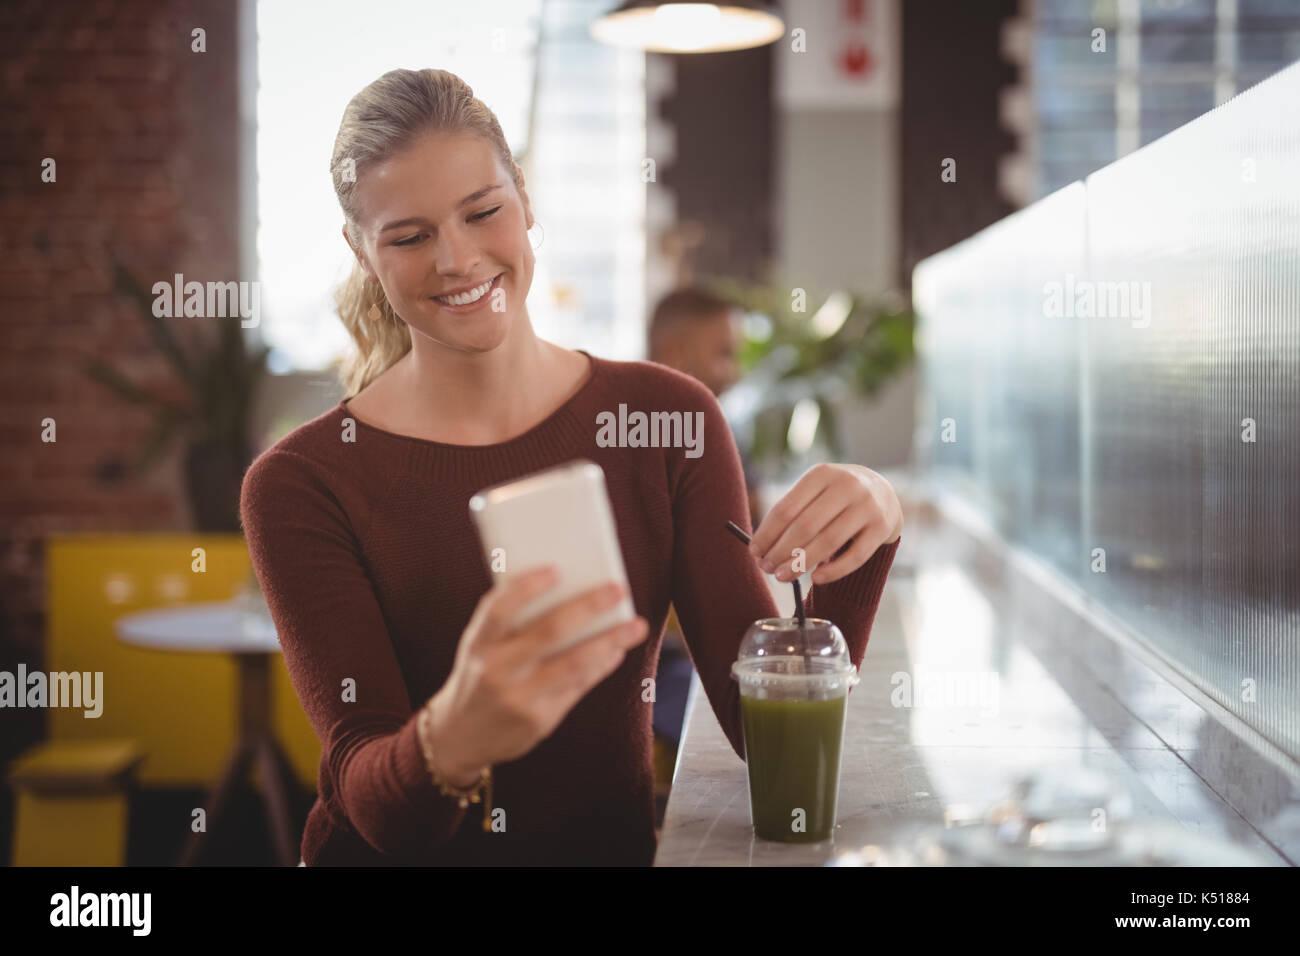 Sonriente joven mujer rubia utilizando el smartphone mientras está sentado en el mostrador con la bebida en la cafetería. Imagen De Stock